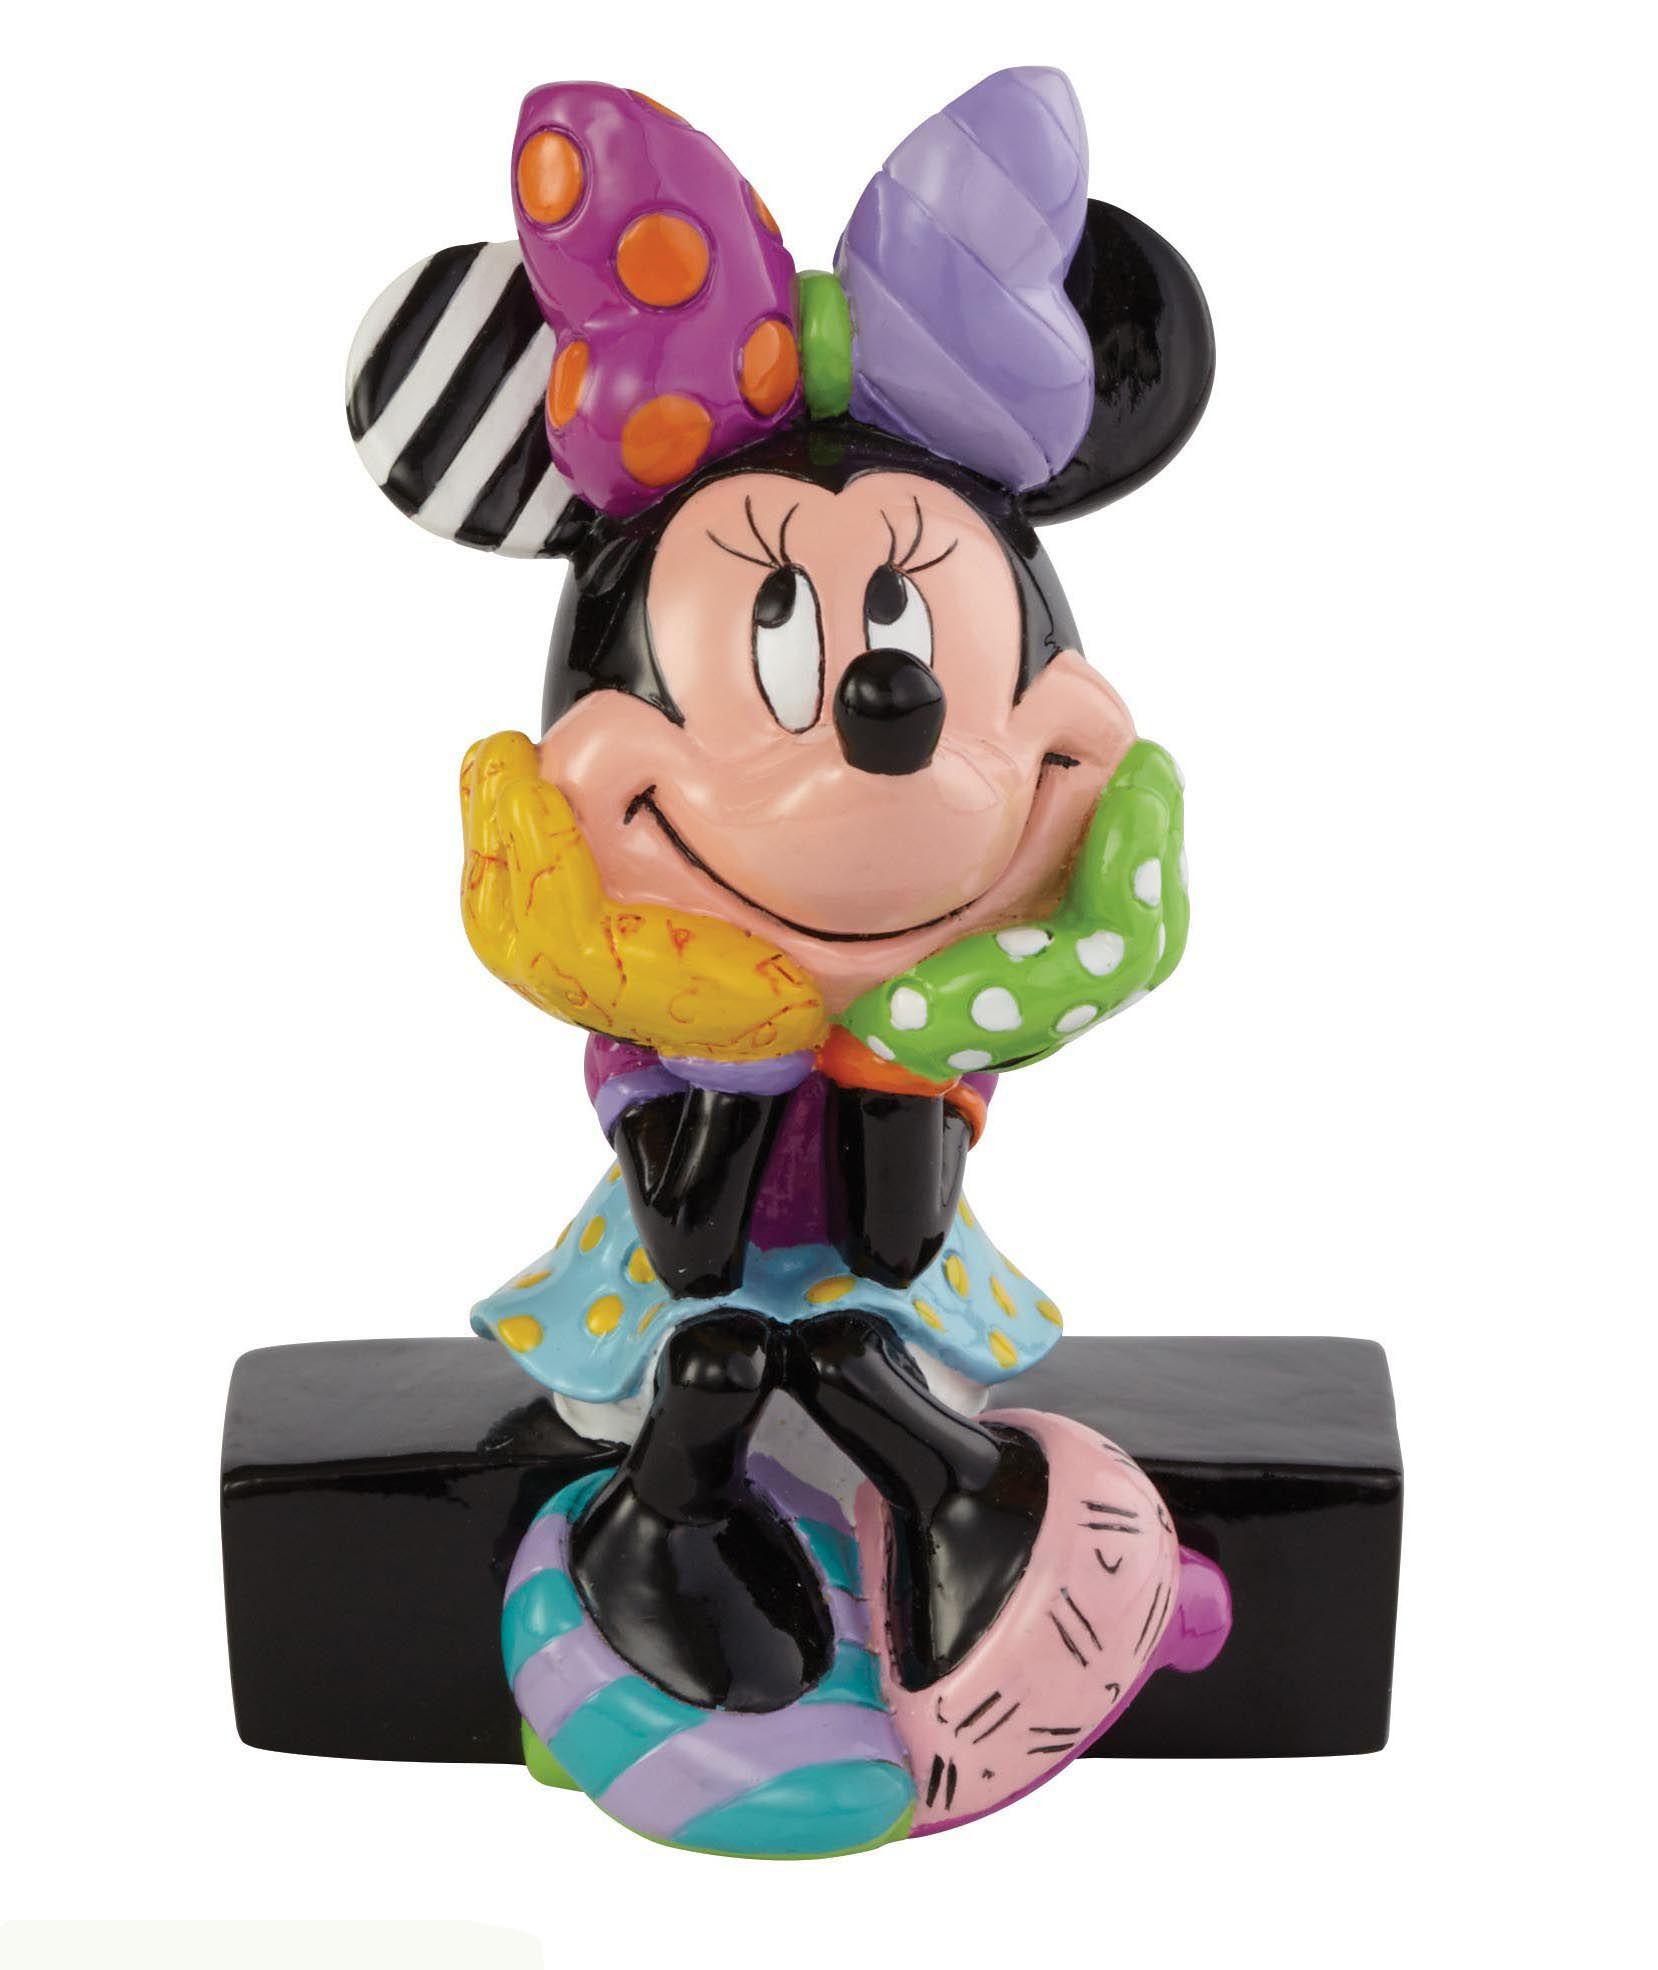 DISNEY BY BRITTO Disney by Britto Figur PopArt sitzend auf Sockel, »Minnie Mouse«